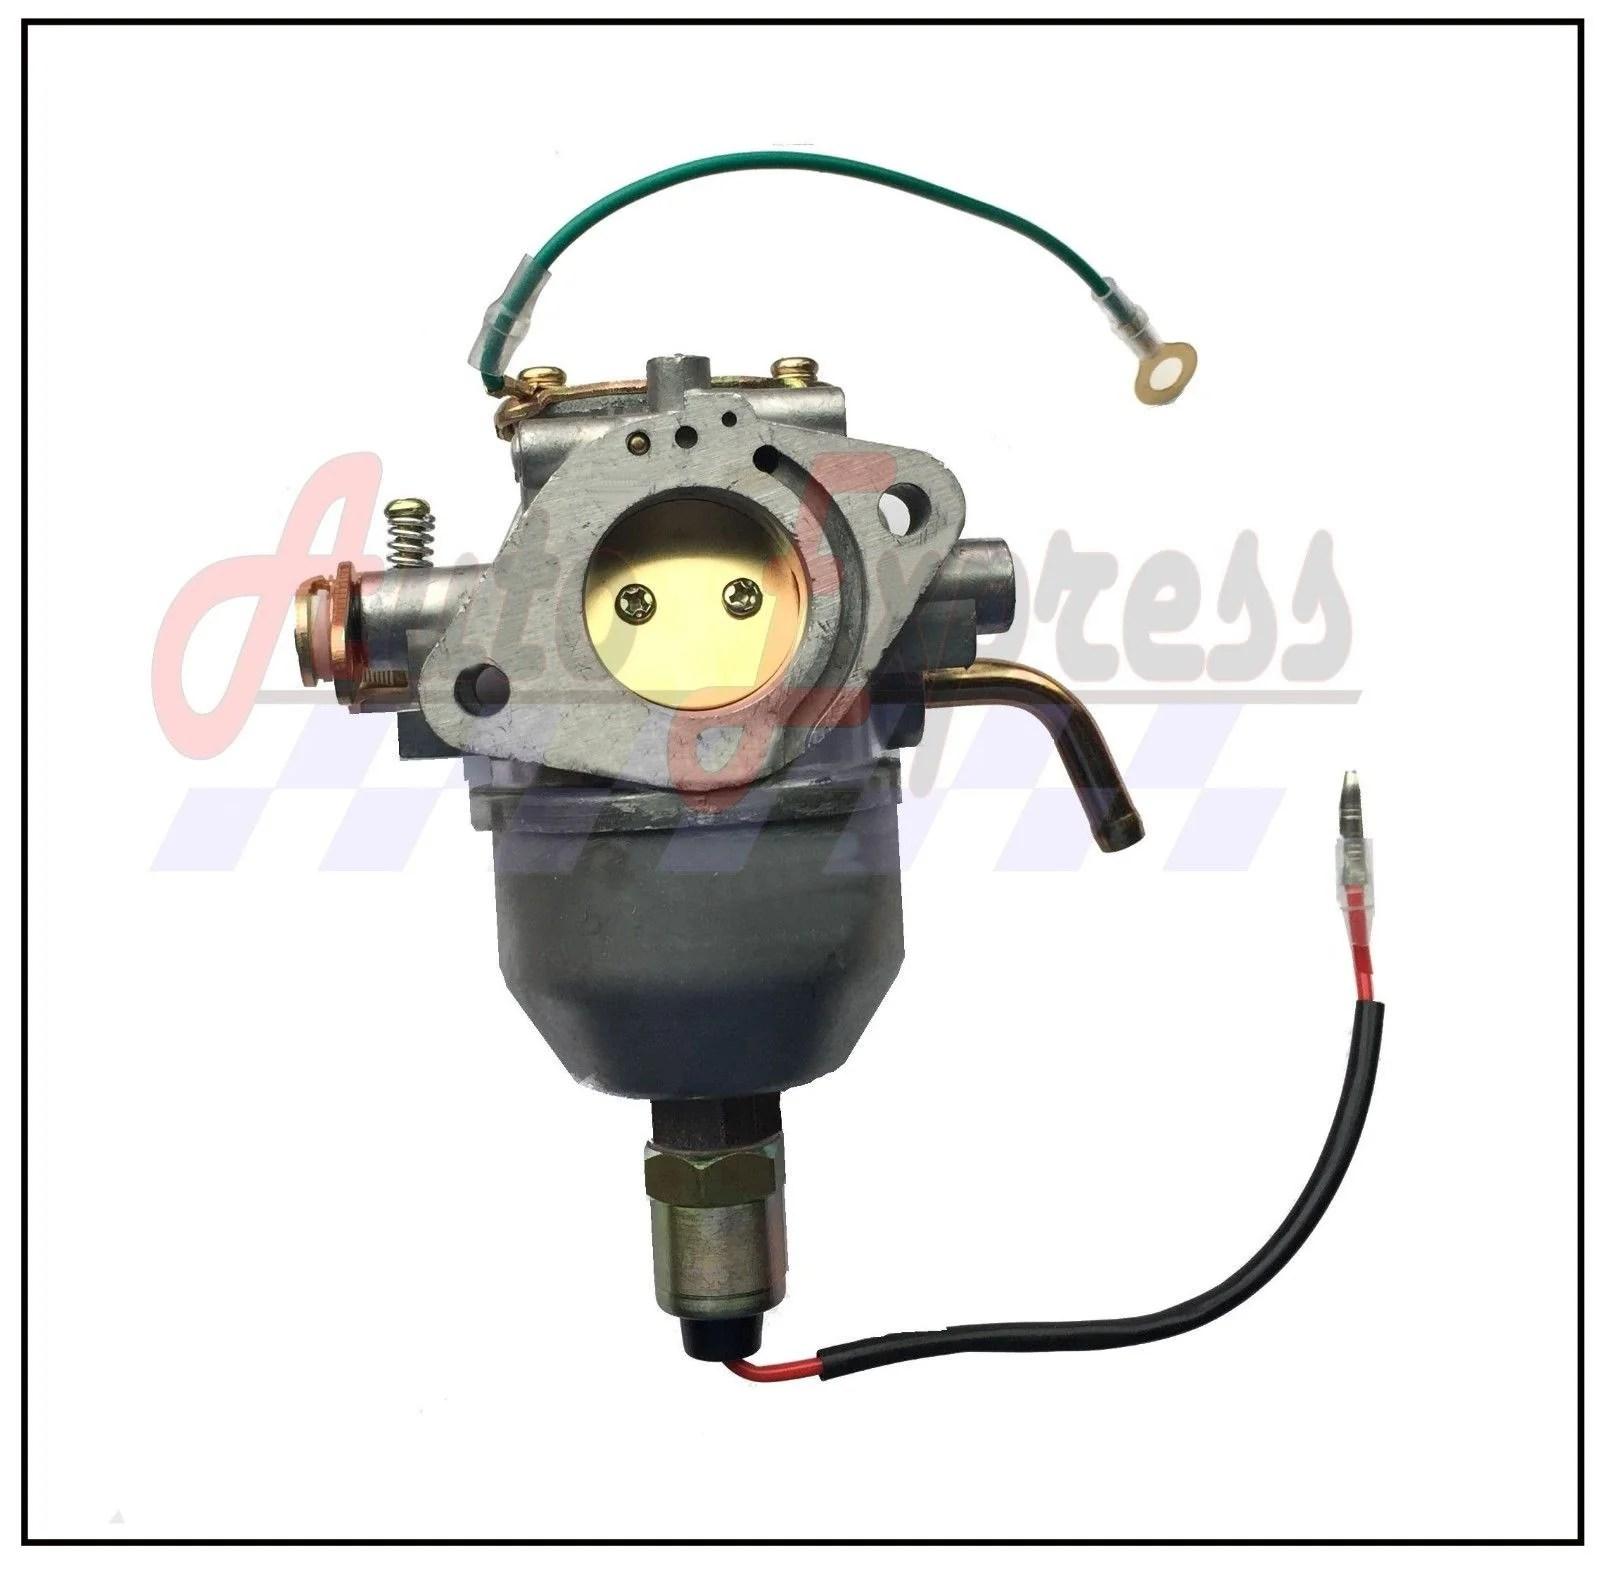 hight resolution of carburetor fits kohler cv740 cv745 engine carb oil fuel filter